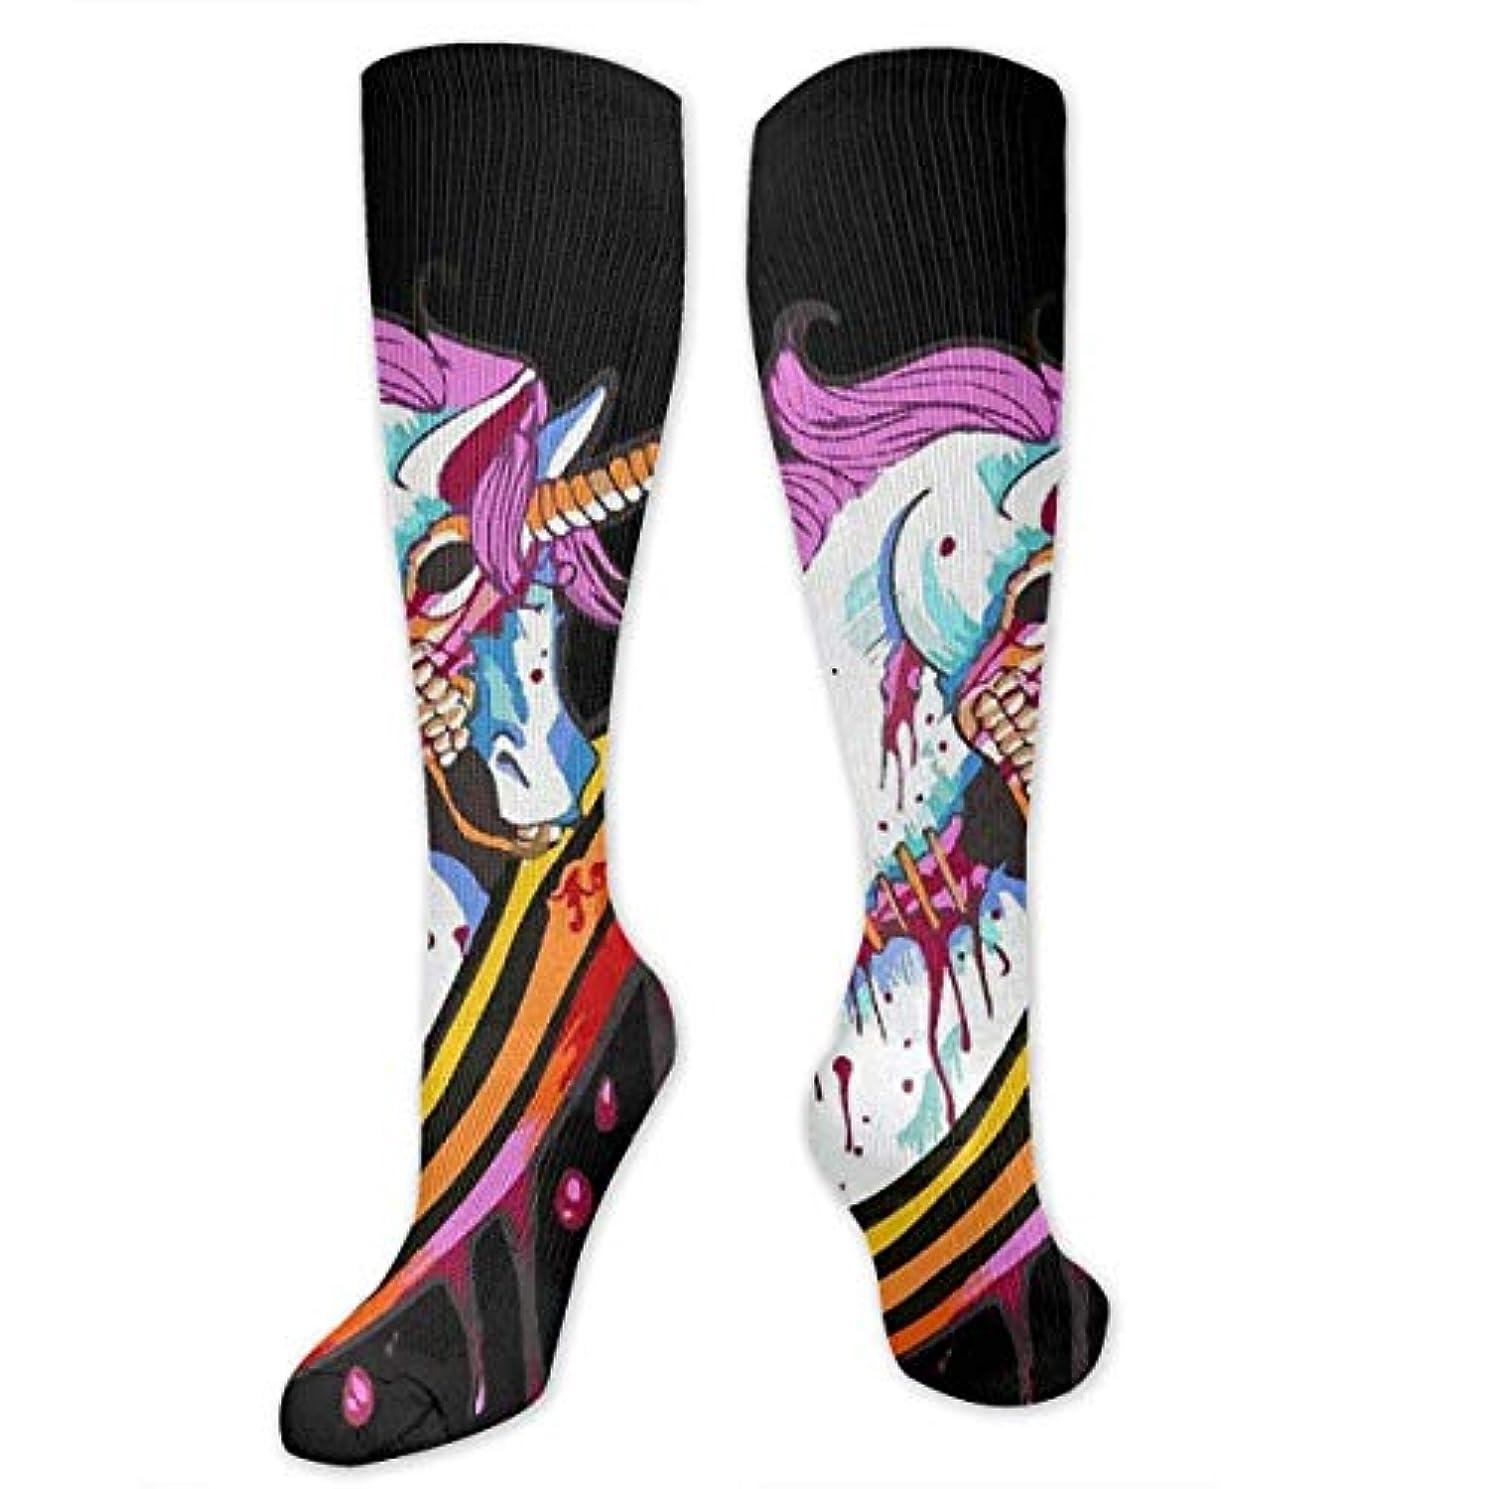 ご注意足音習字靴下,ストッキング,野生のジョーカー,実際,秋の本質,冬必須,サマーウェア&RBXAA Zombie Unicron Socks Women's Winter Cotton Long Tube Socks Cotton...